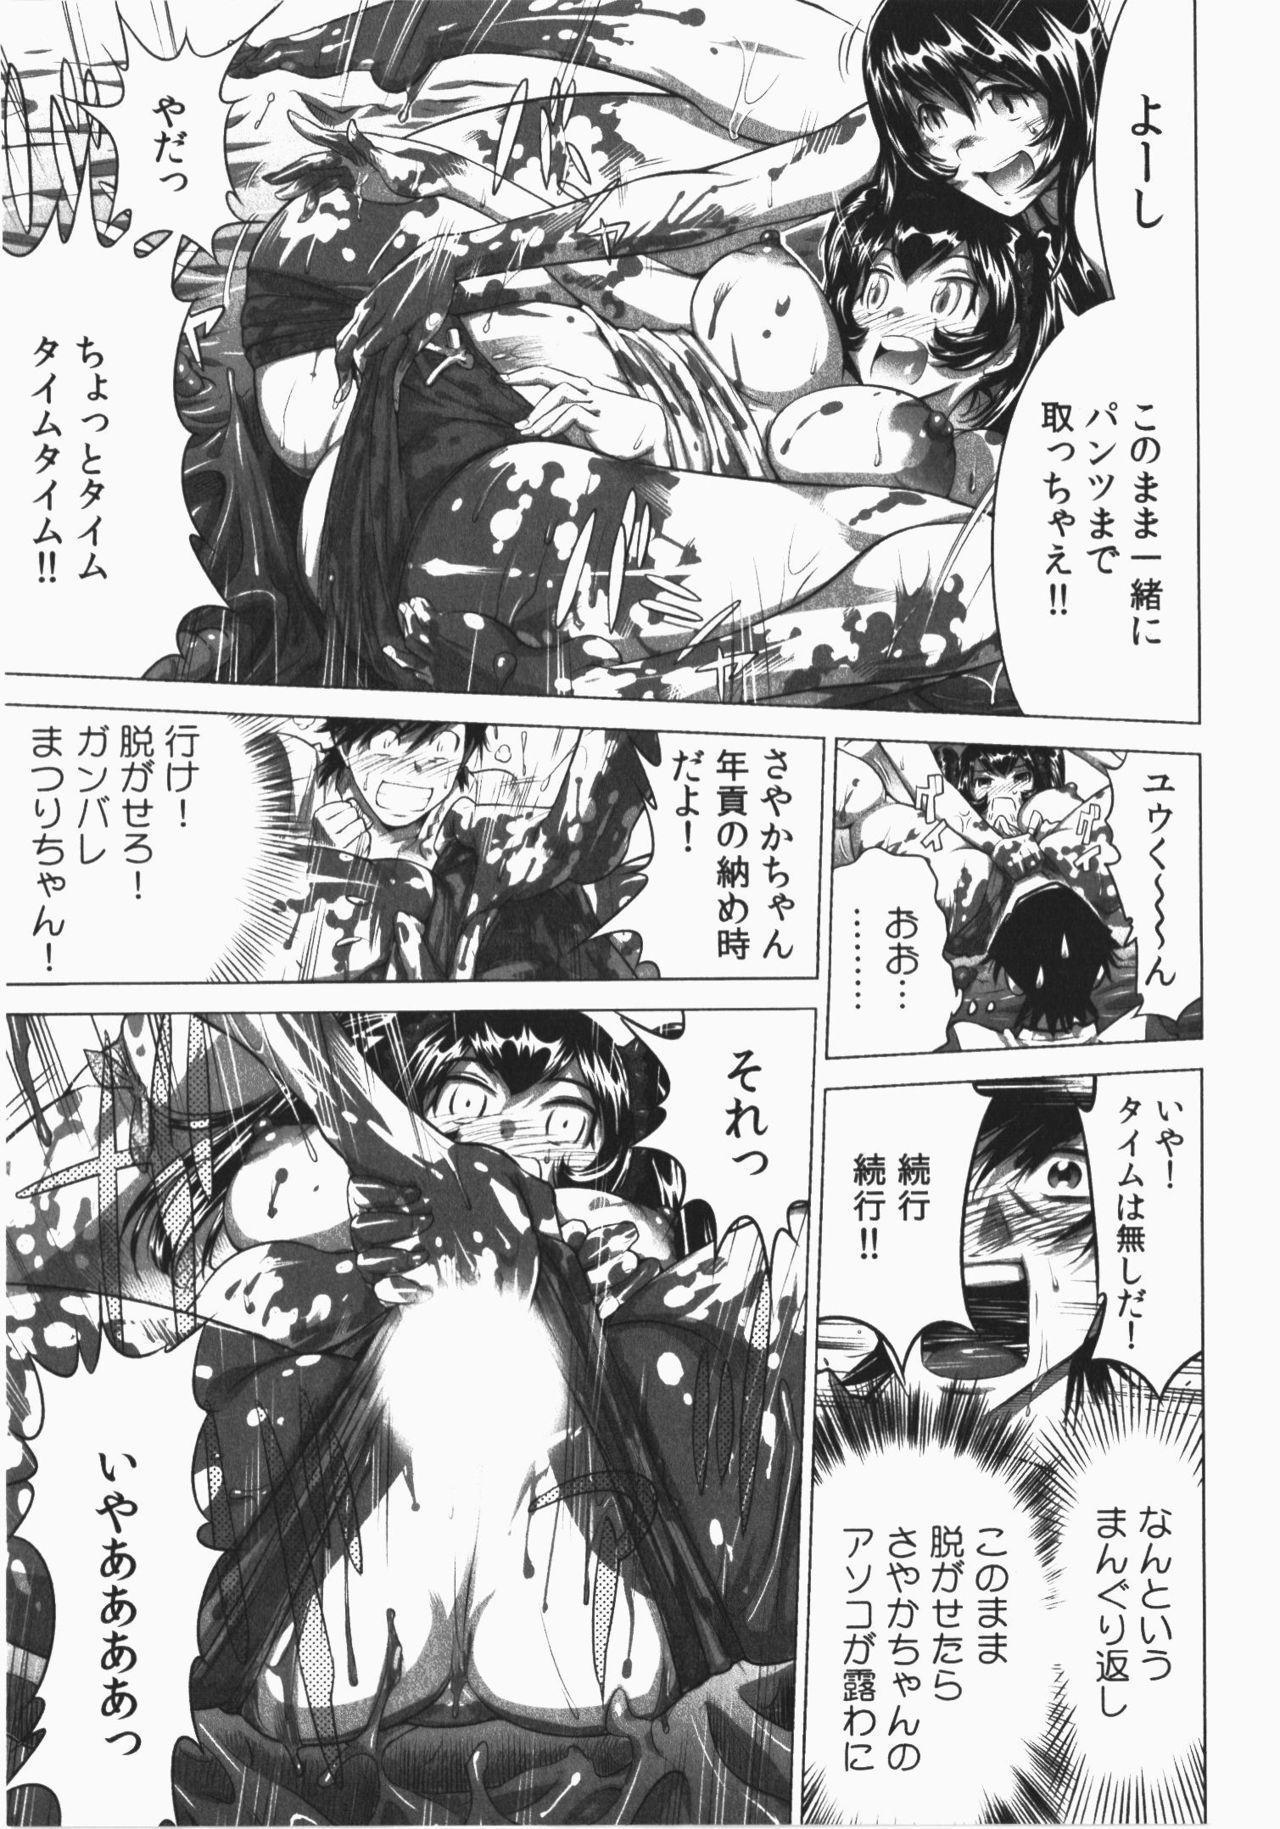 Ukkari Haicchatta! Itoko to Micchaku Game Chuu 158